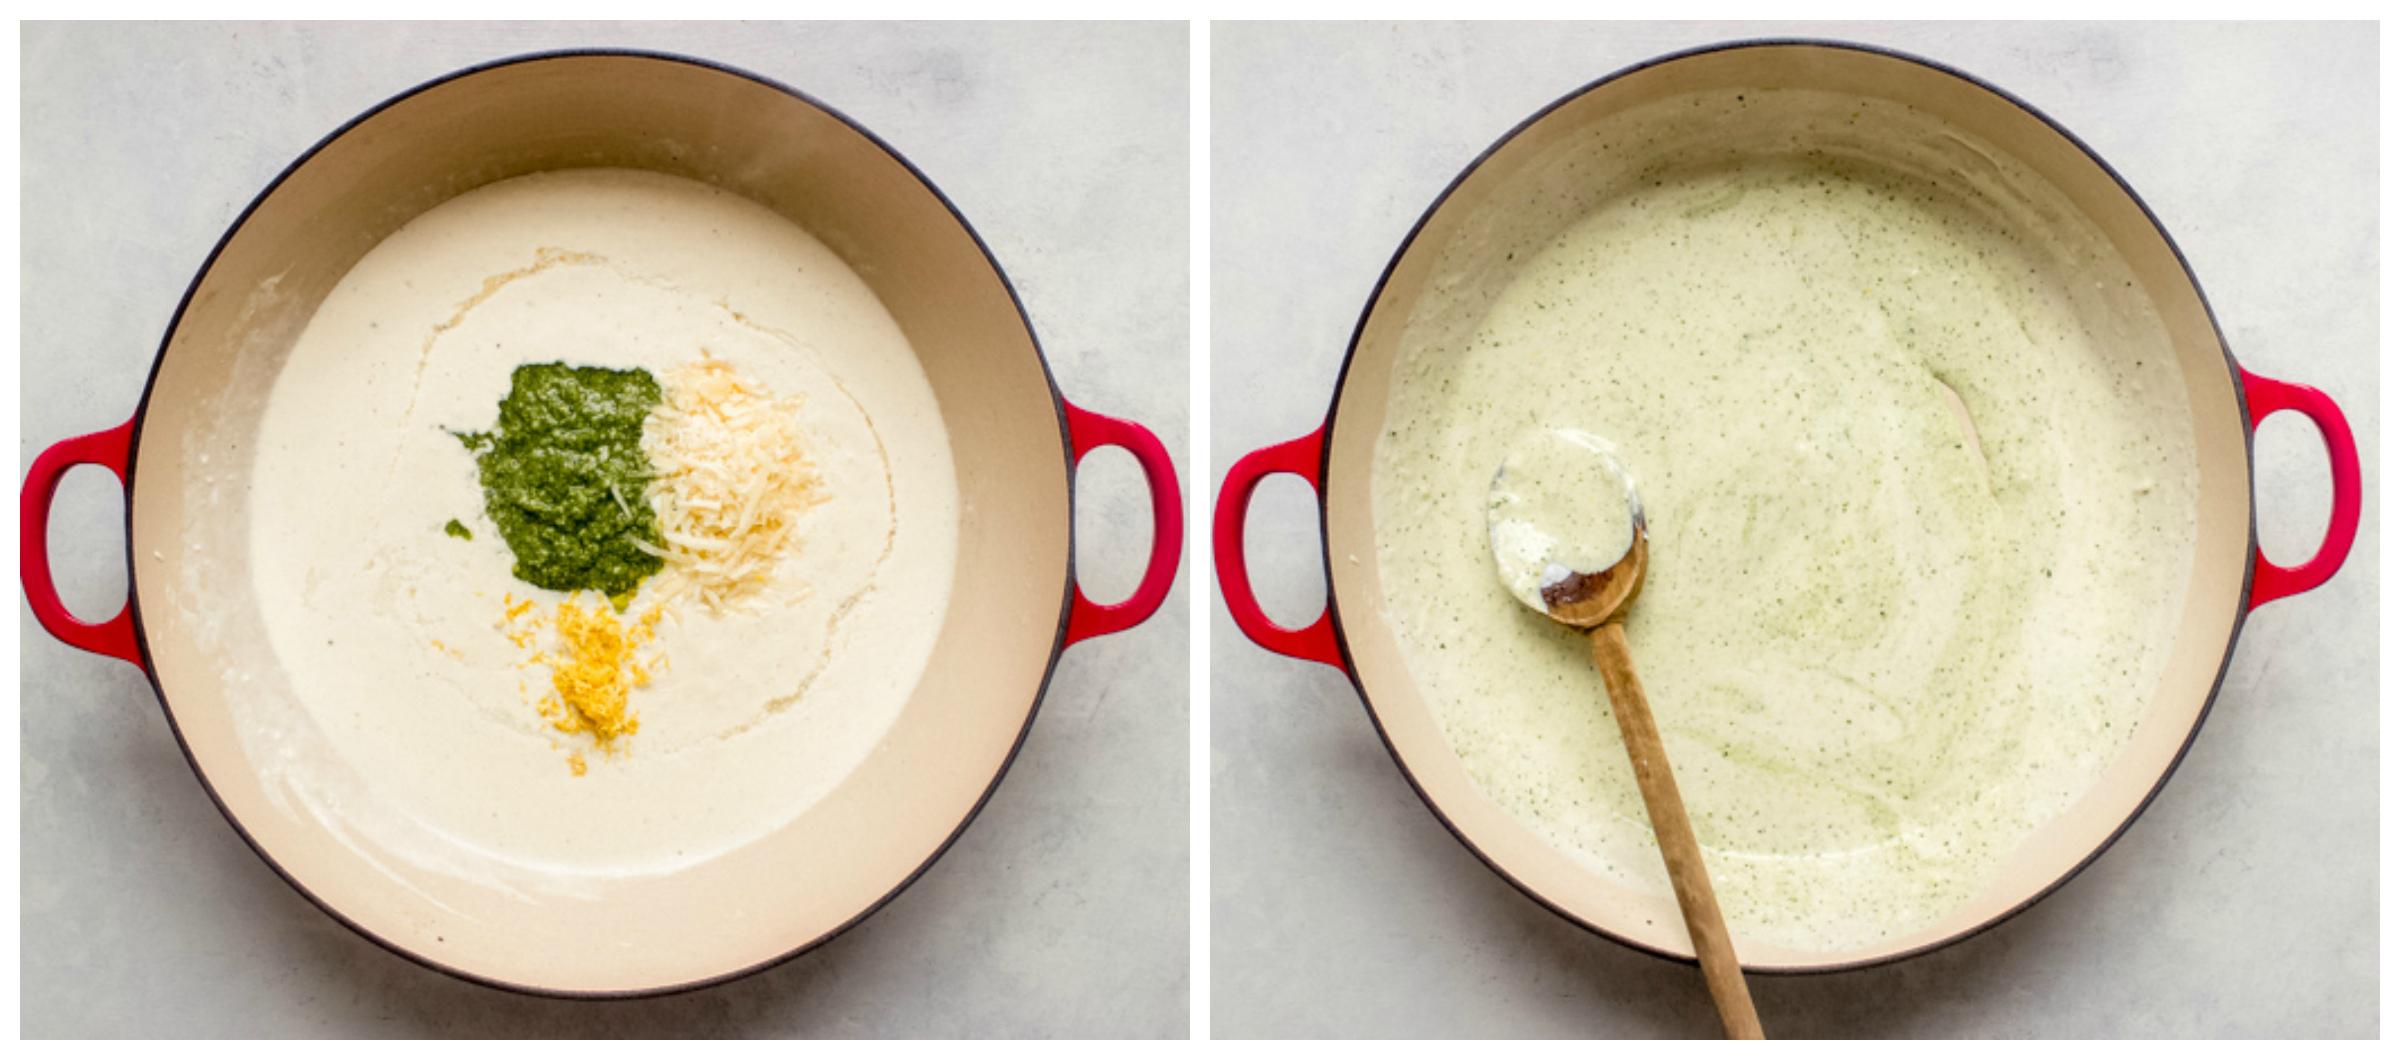 basil cream sauce in saute pan